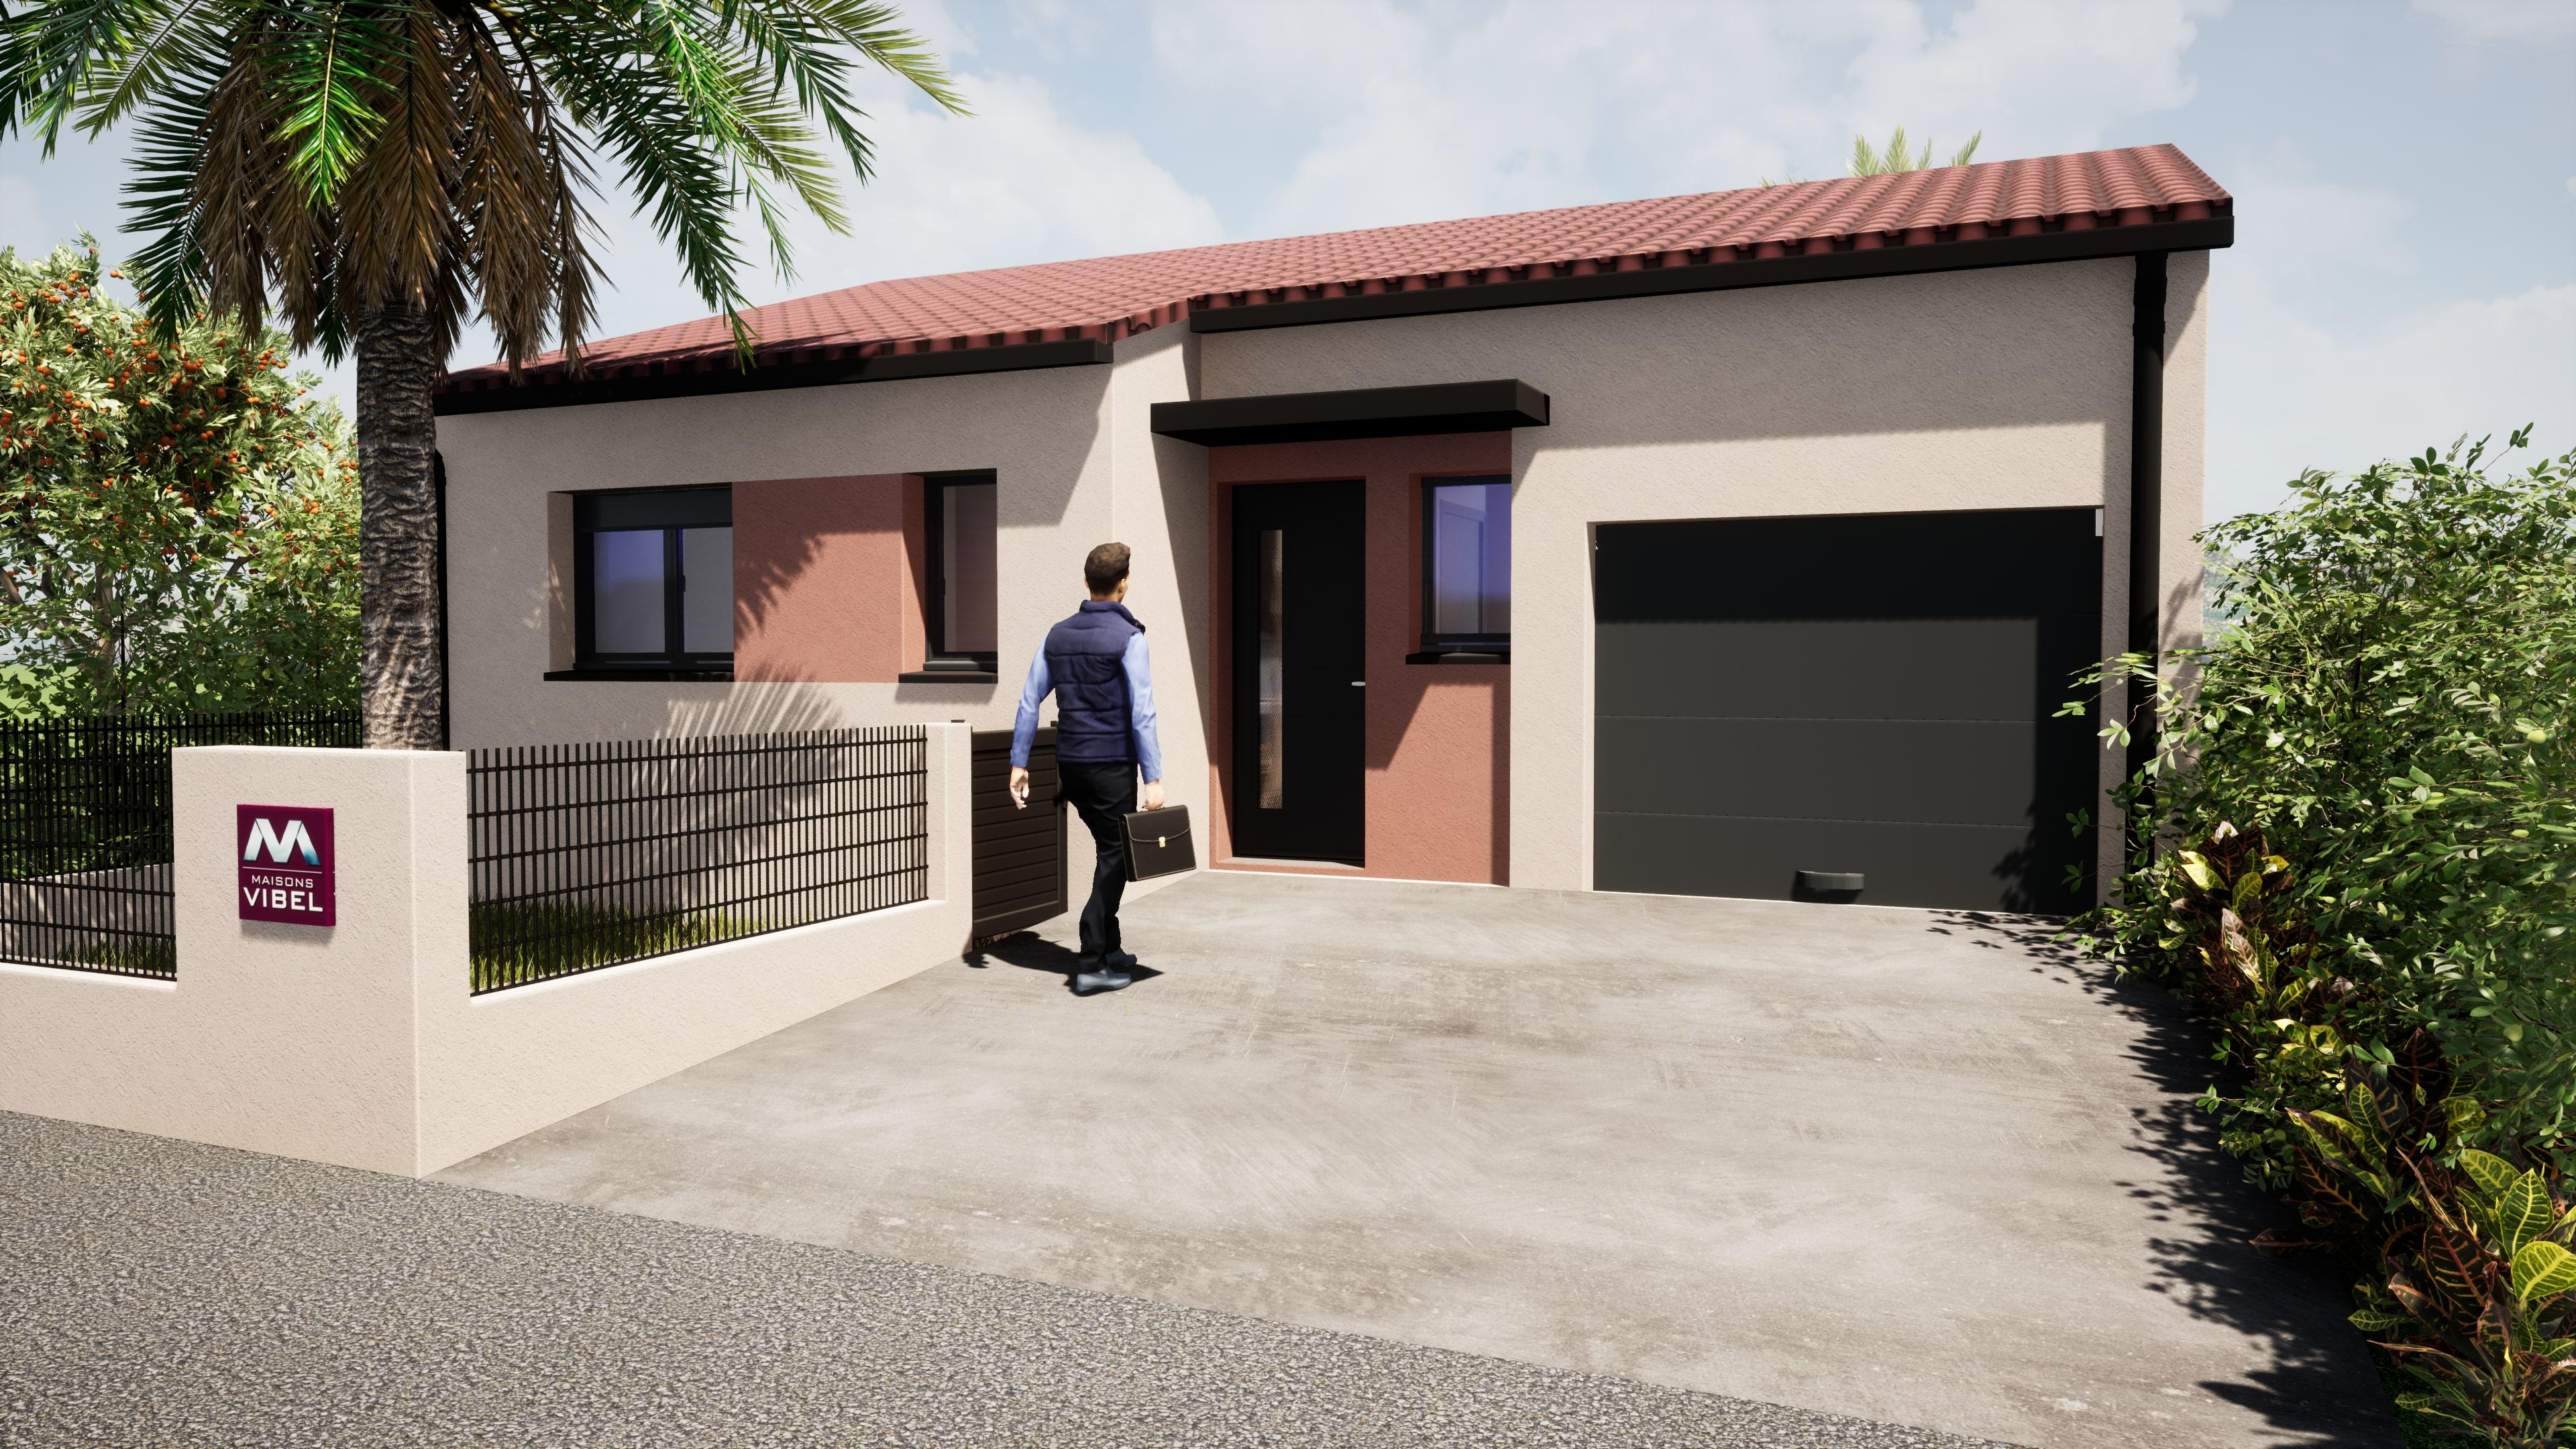 Maisons + Terrains du constructeur MAISONS VIBEL • 71 m² • THUIR